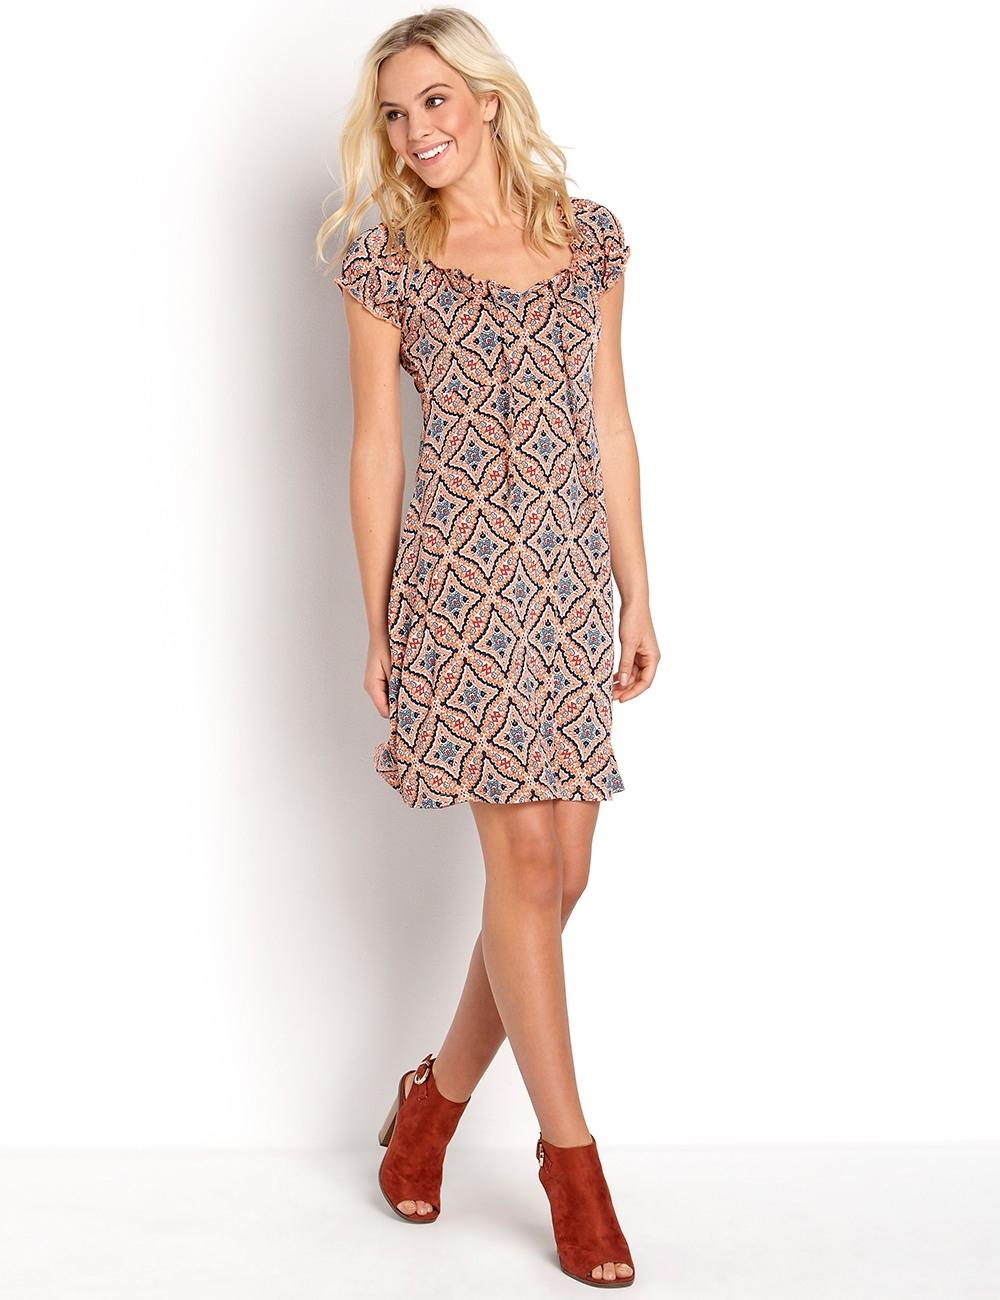 Abend Luxurius Kleid Mit Boutique15 Schön Kleid Mit Design